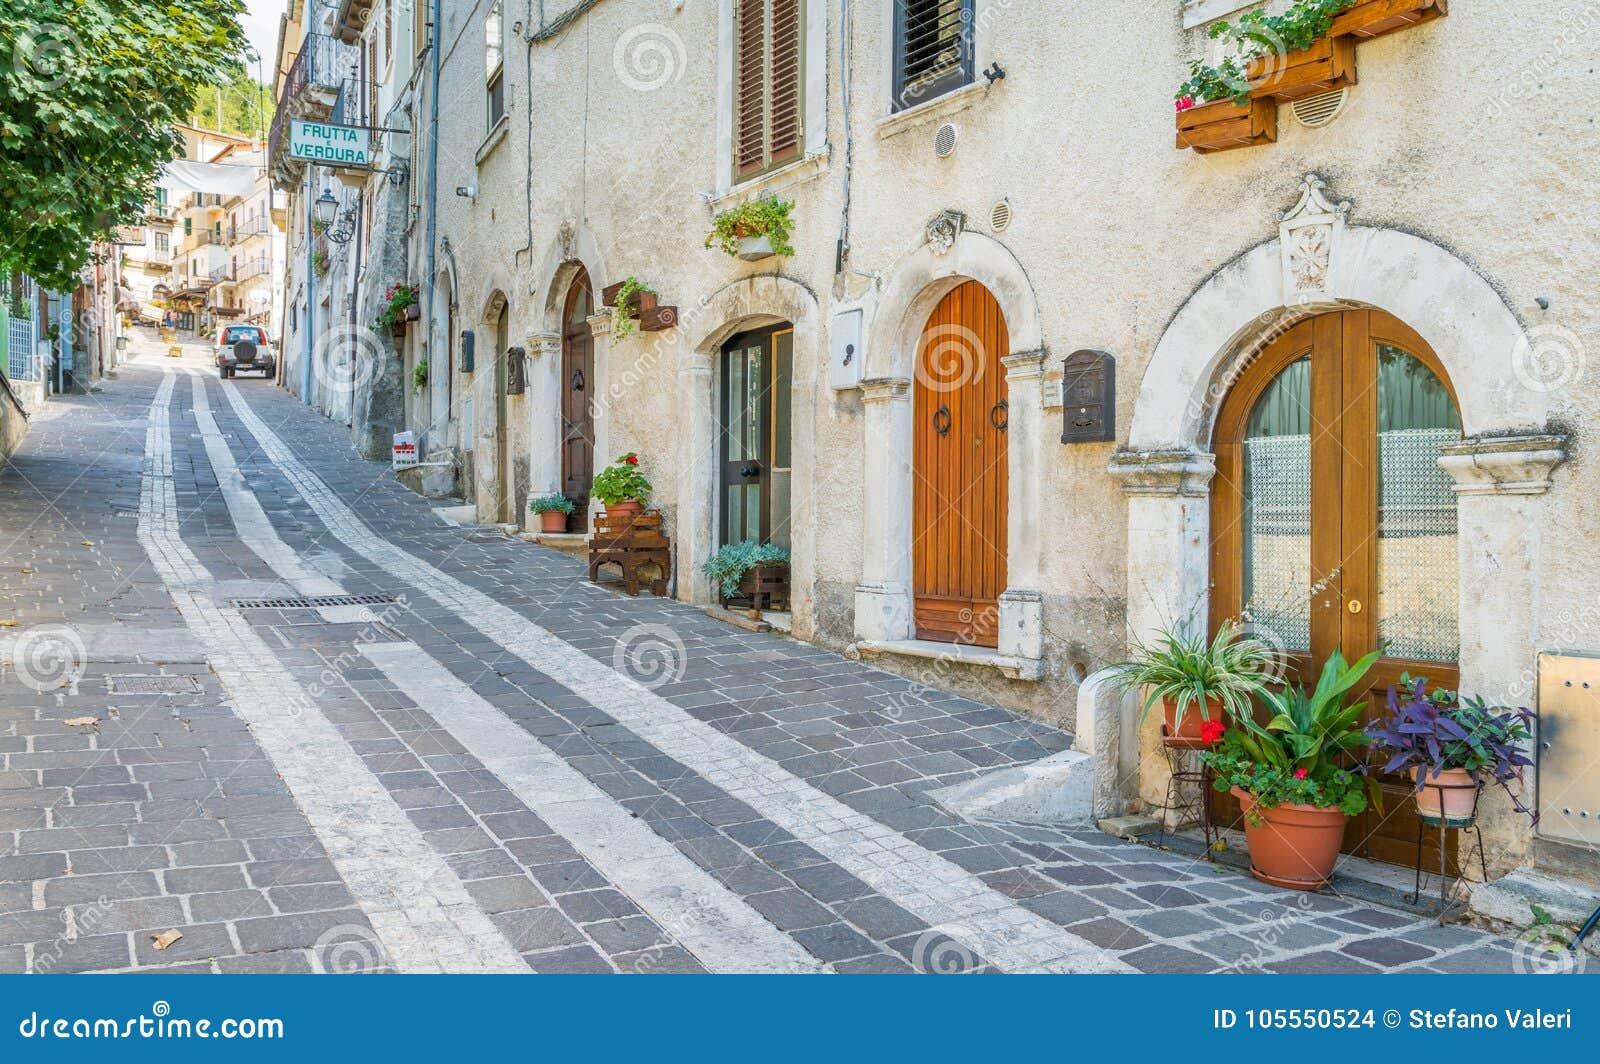 Vista Scenica In Caramanico Terme, Comune Nella Provincia Di Pescara Nella  Regione Dell'Abruzzo Di Italia Fotografia Stock - Immagine di montagna,  fiori: 105550524